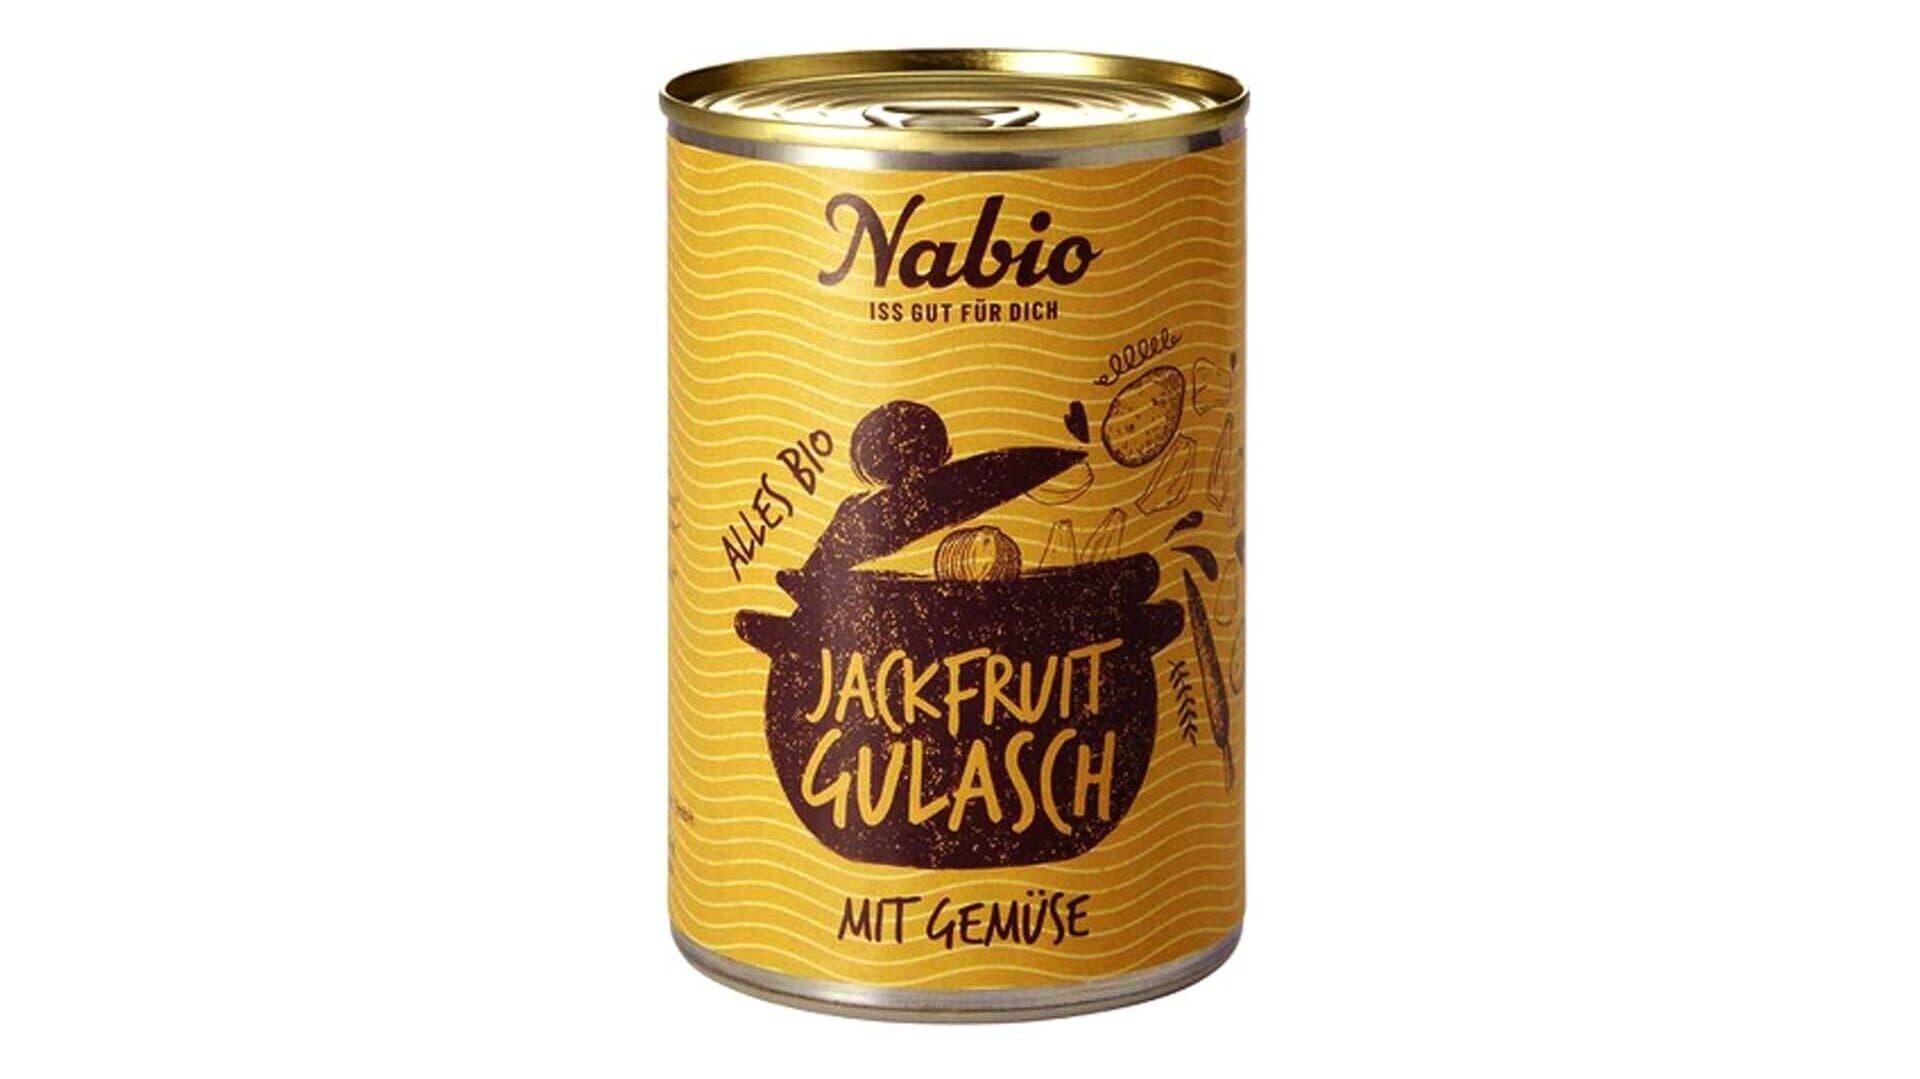 Nabio Jackfrucht Gulasch